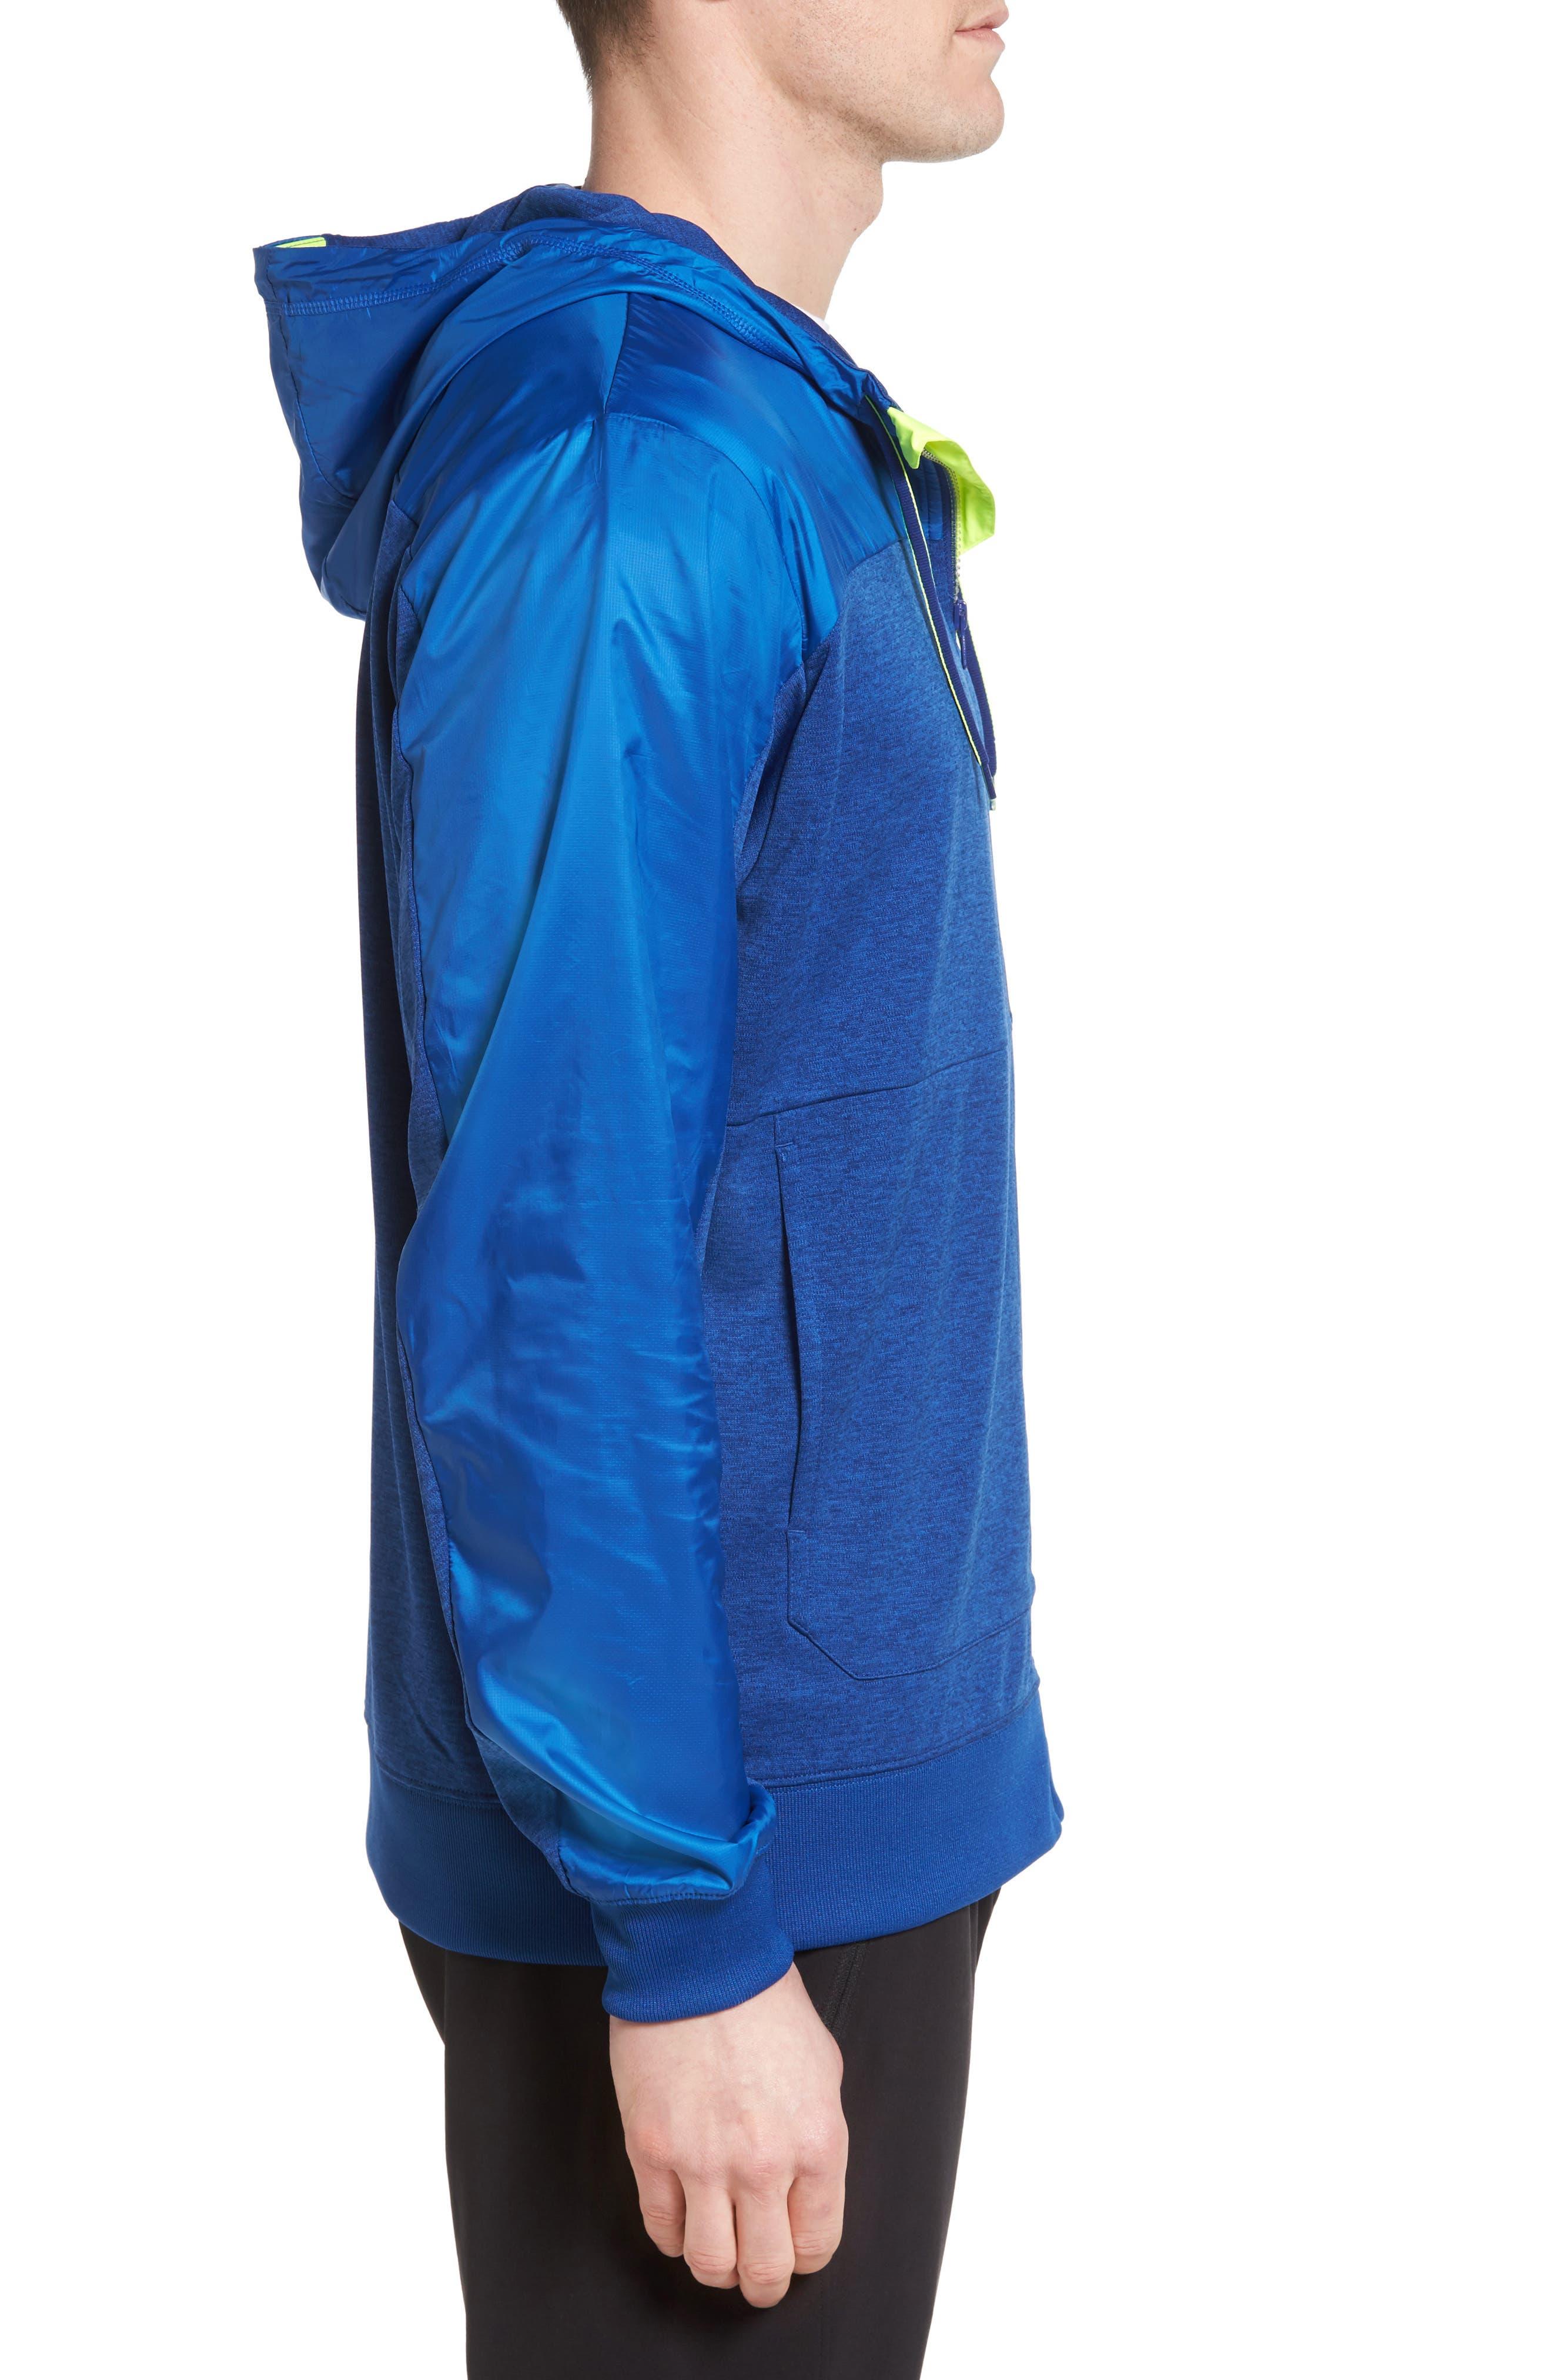 Raido Hooded Jacket,                             Alternate thumbnail 3, color,                             Sodalite Blue